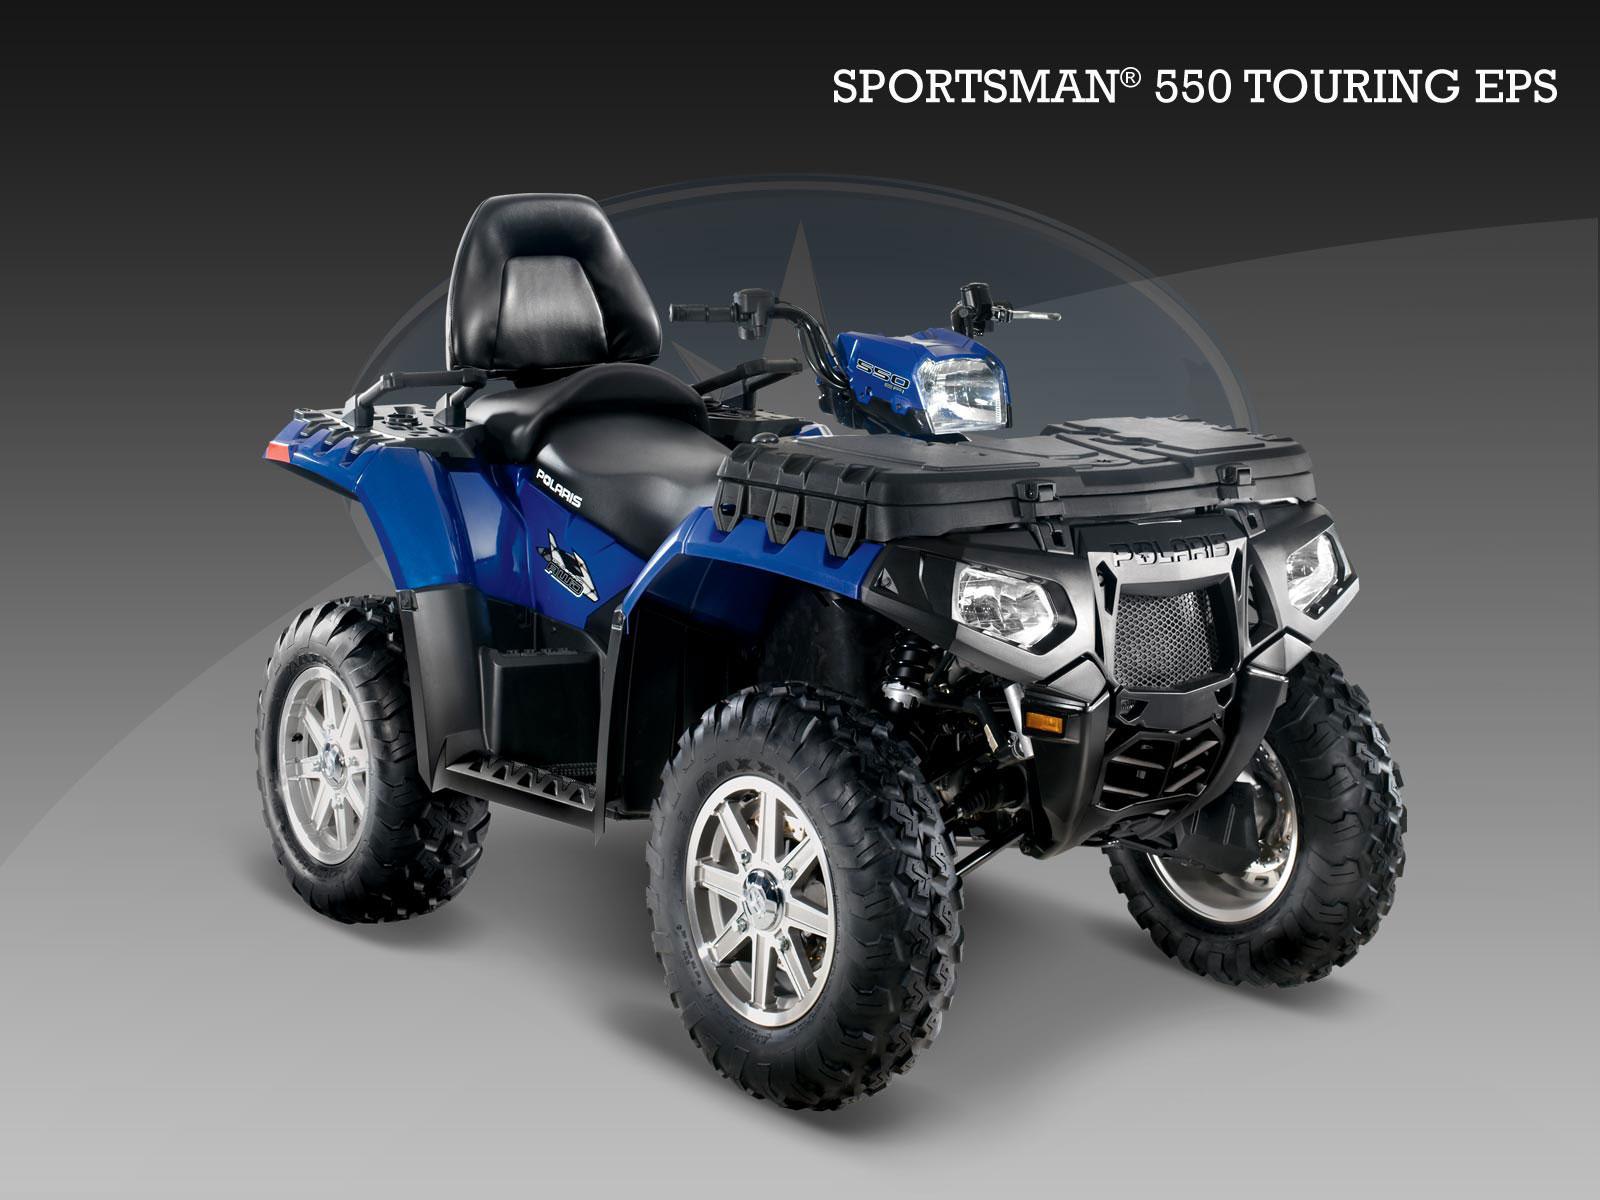 POLARIS Sportsman 550 Touring EPS specs - 2009, 2010 ...